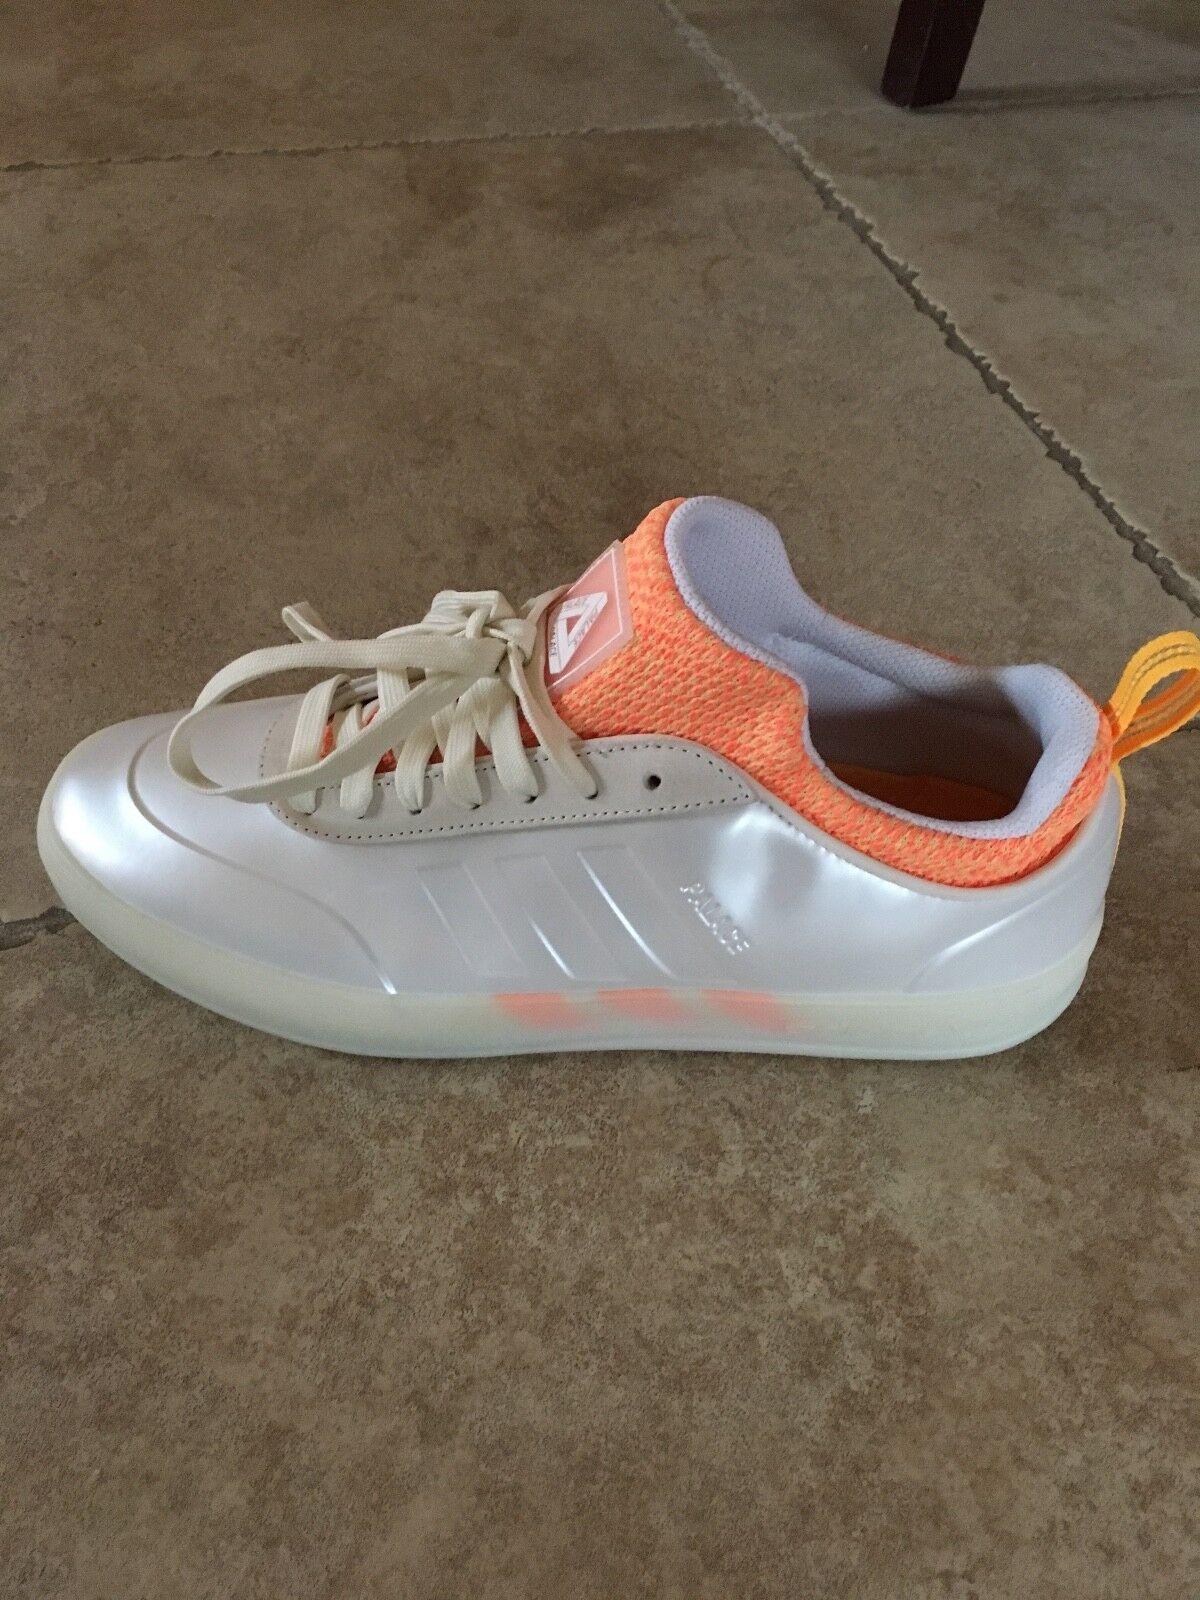 Adidas X Palace Pro 2 Off White / Solar Orange Size 8